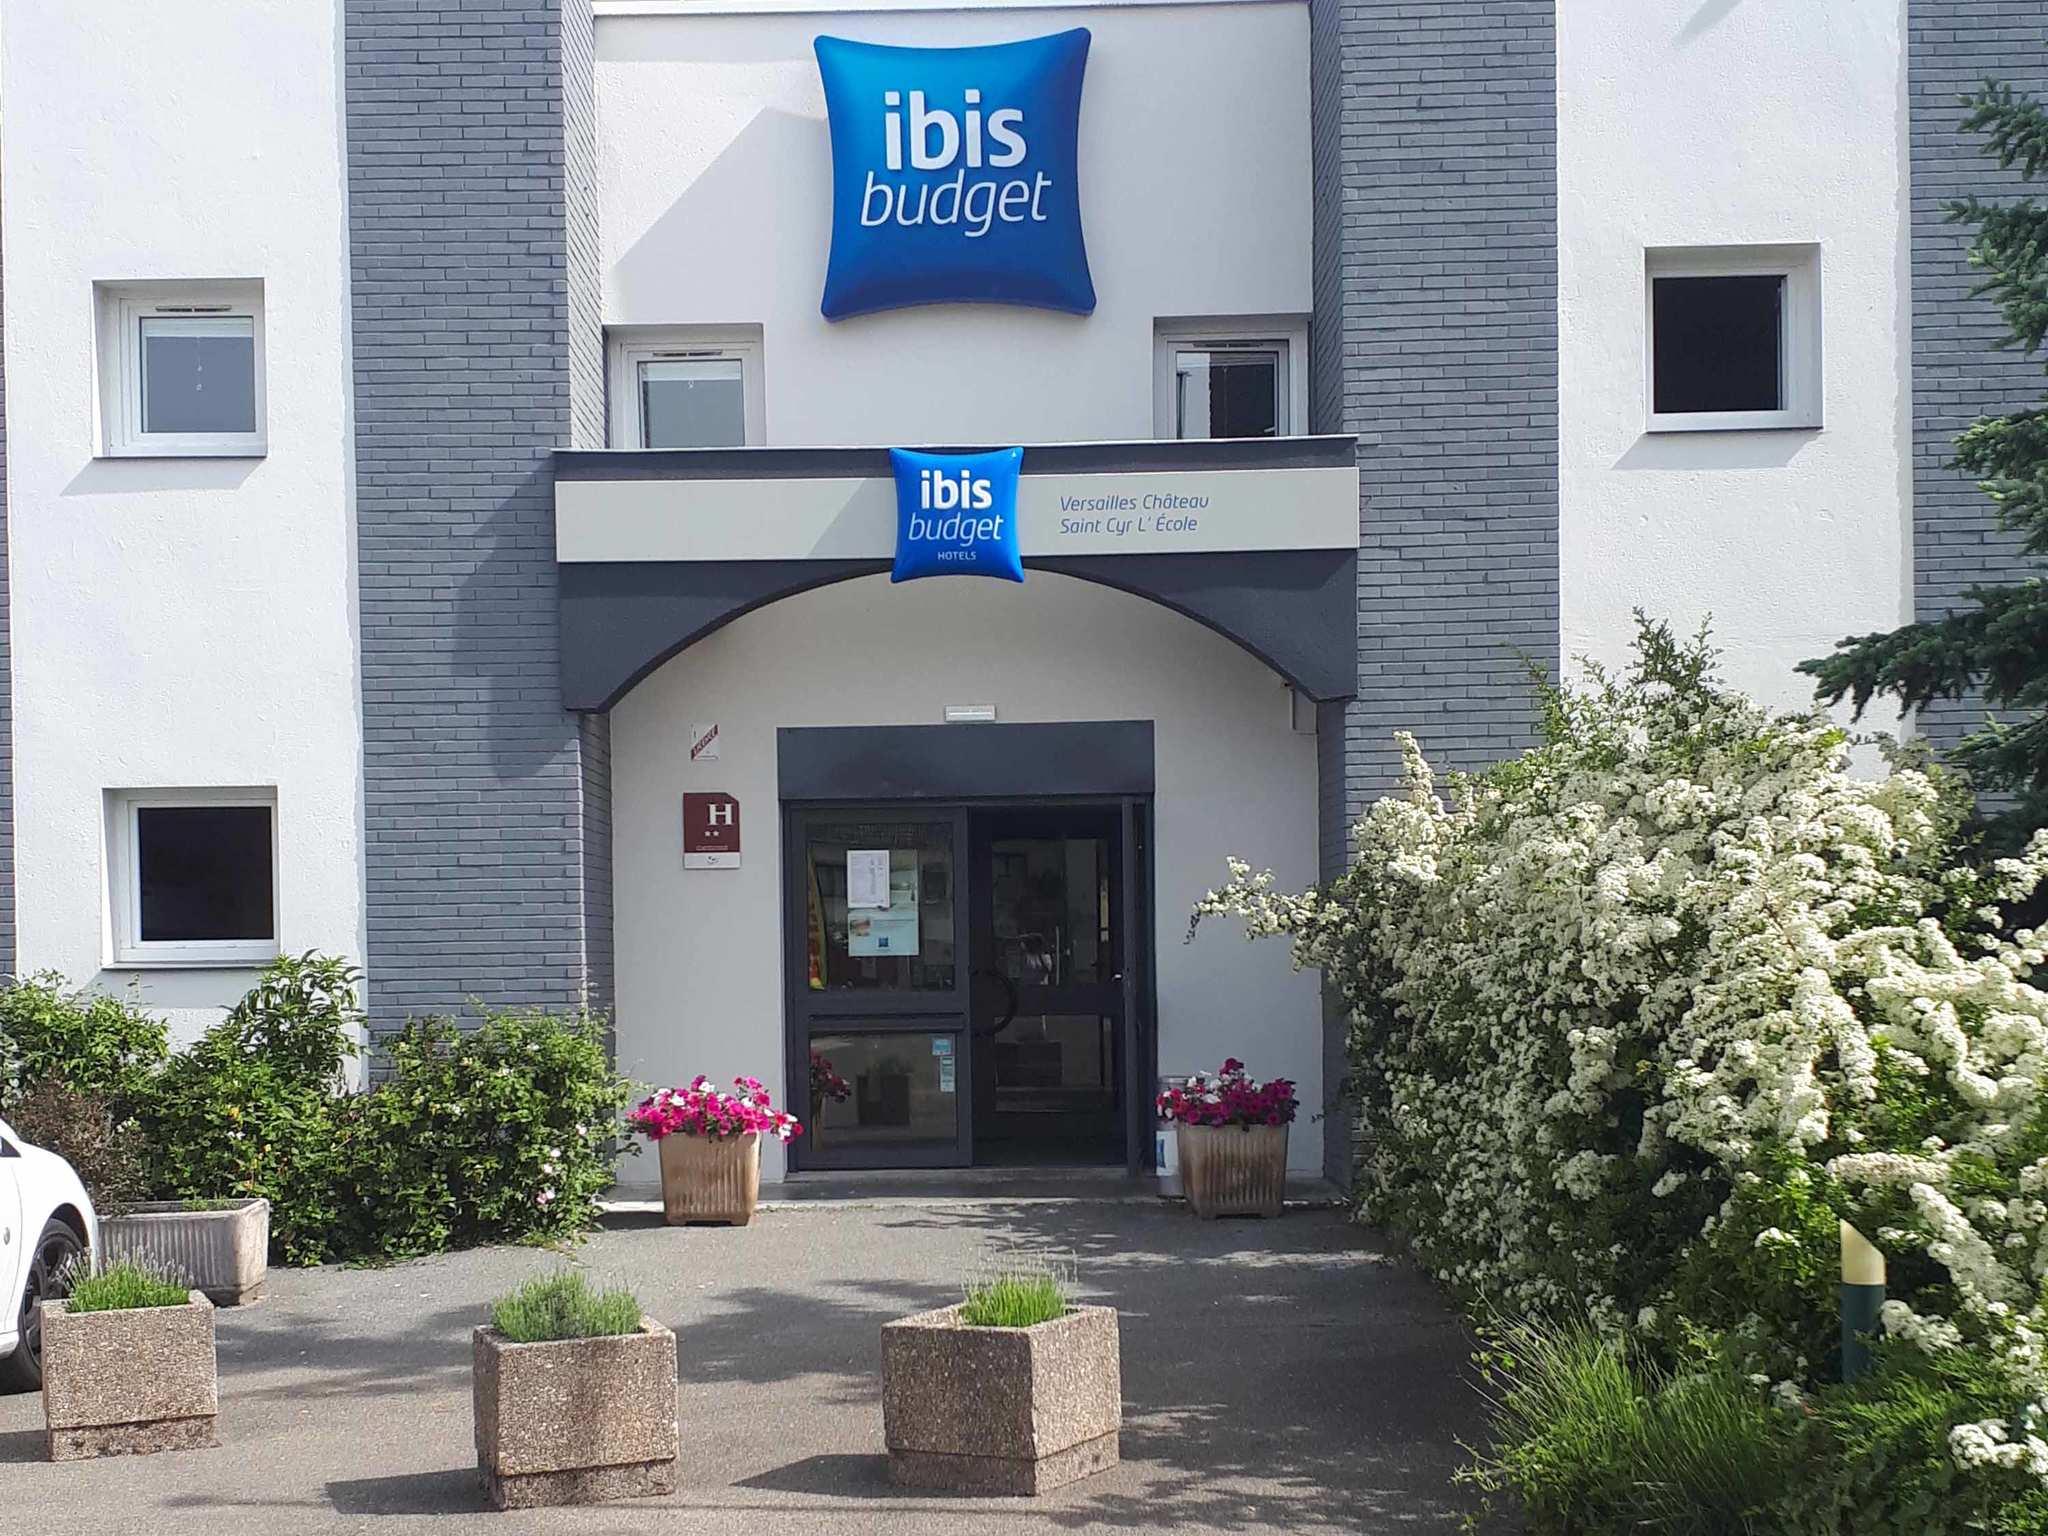 Hotel – ibis budget Versailles Château Saint-Cyr